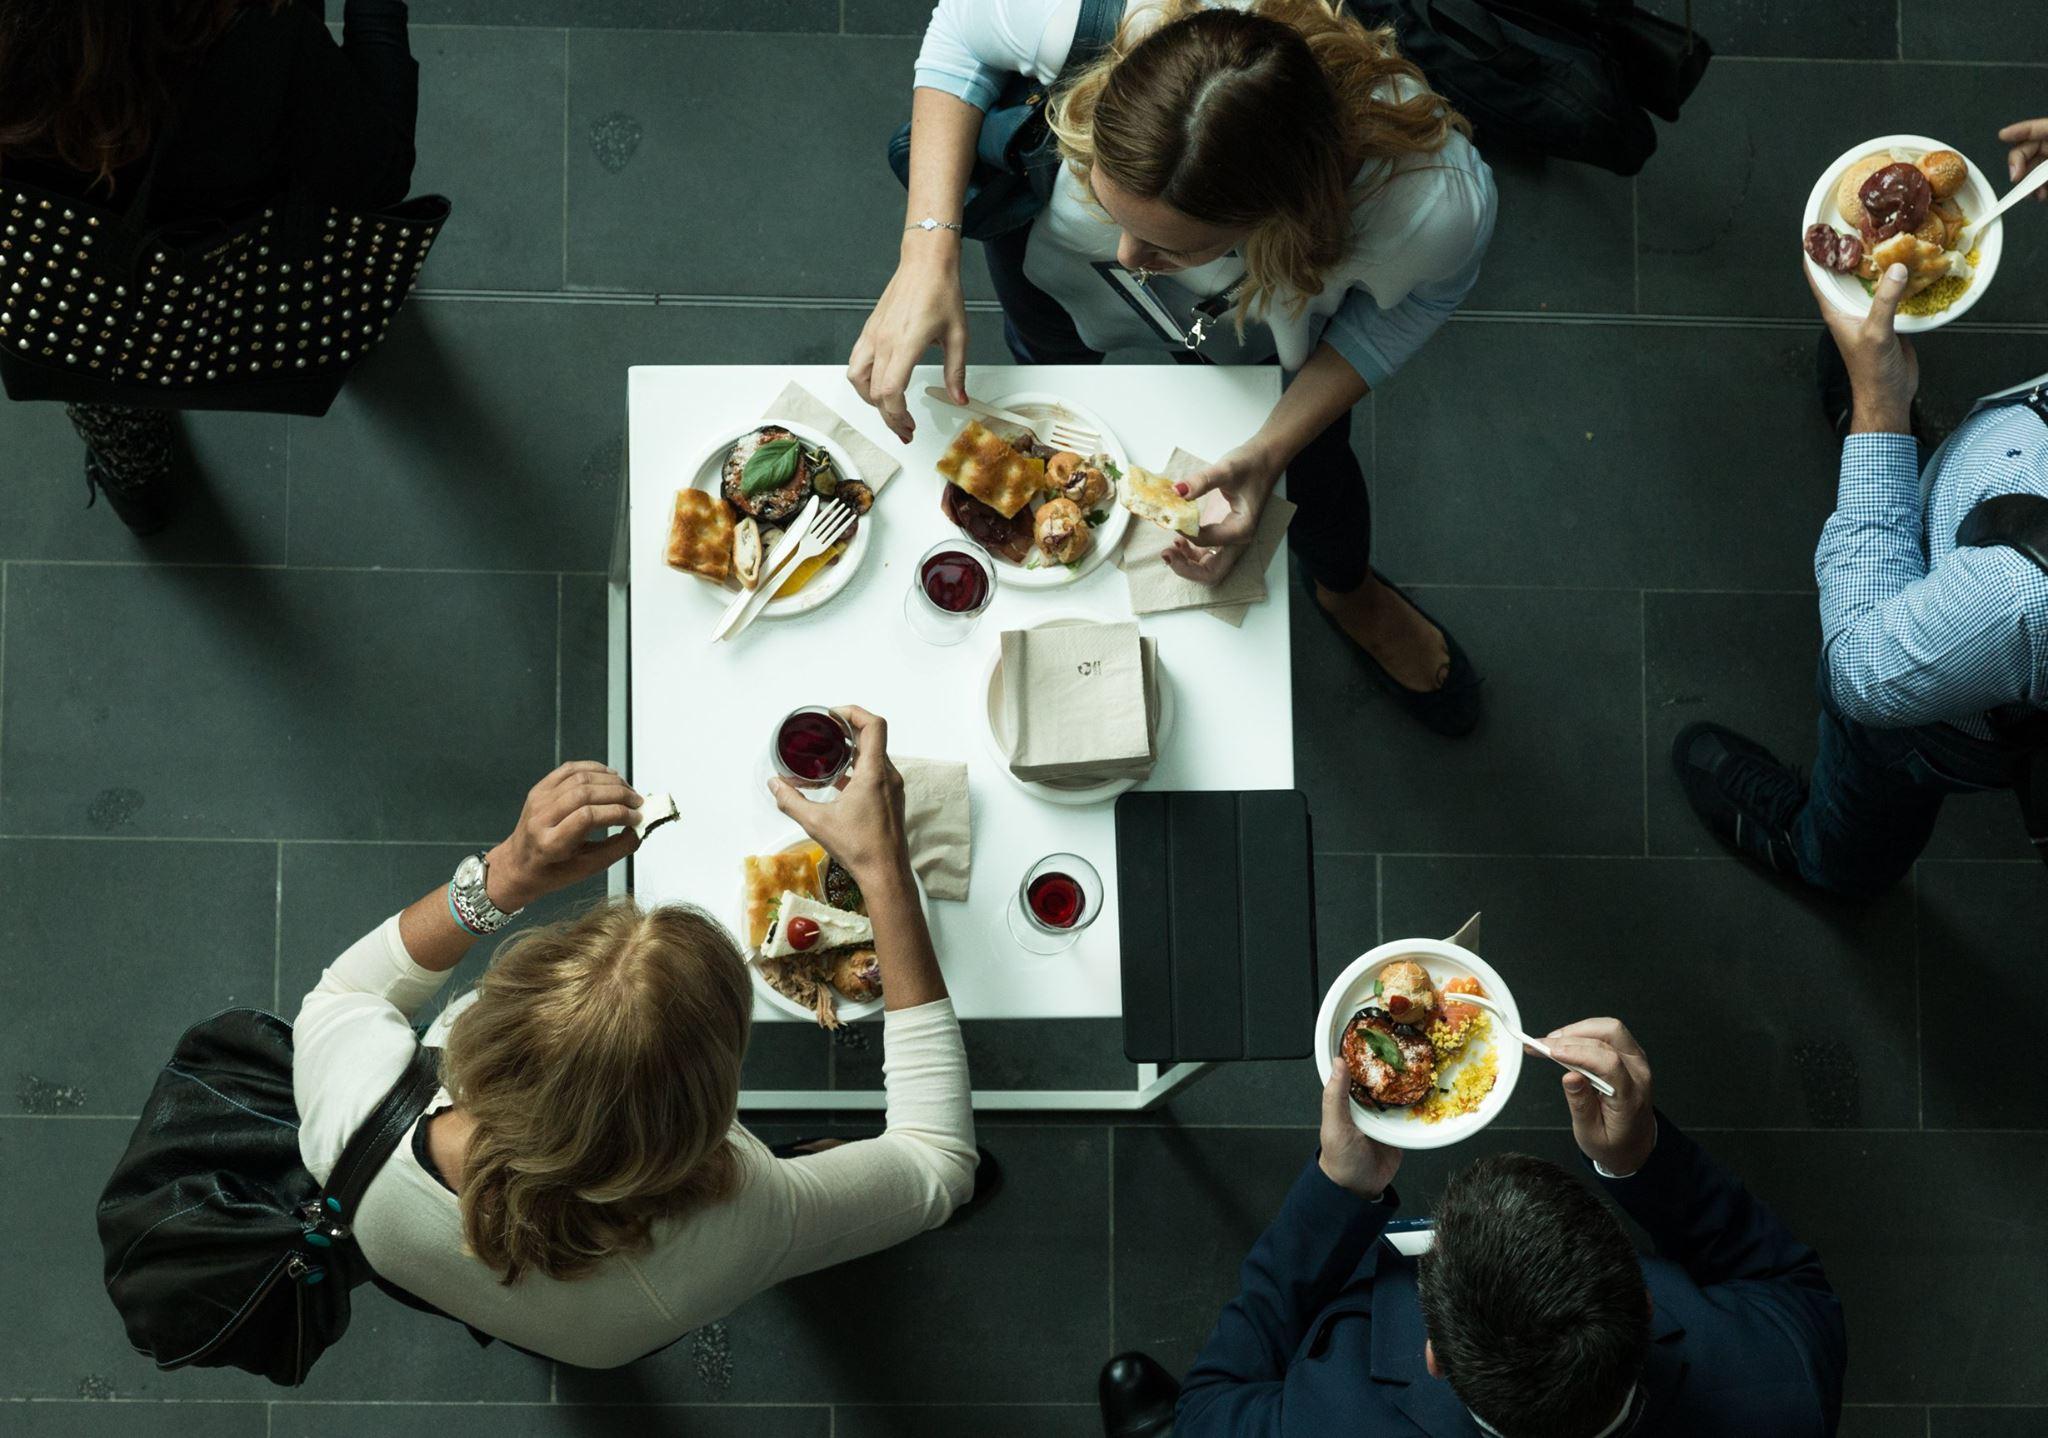 persone ad un evento che mangiano